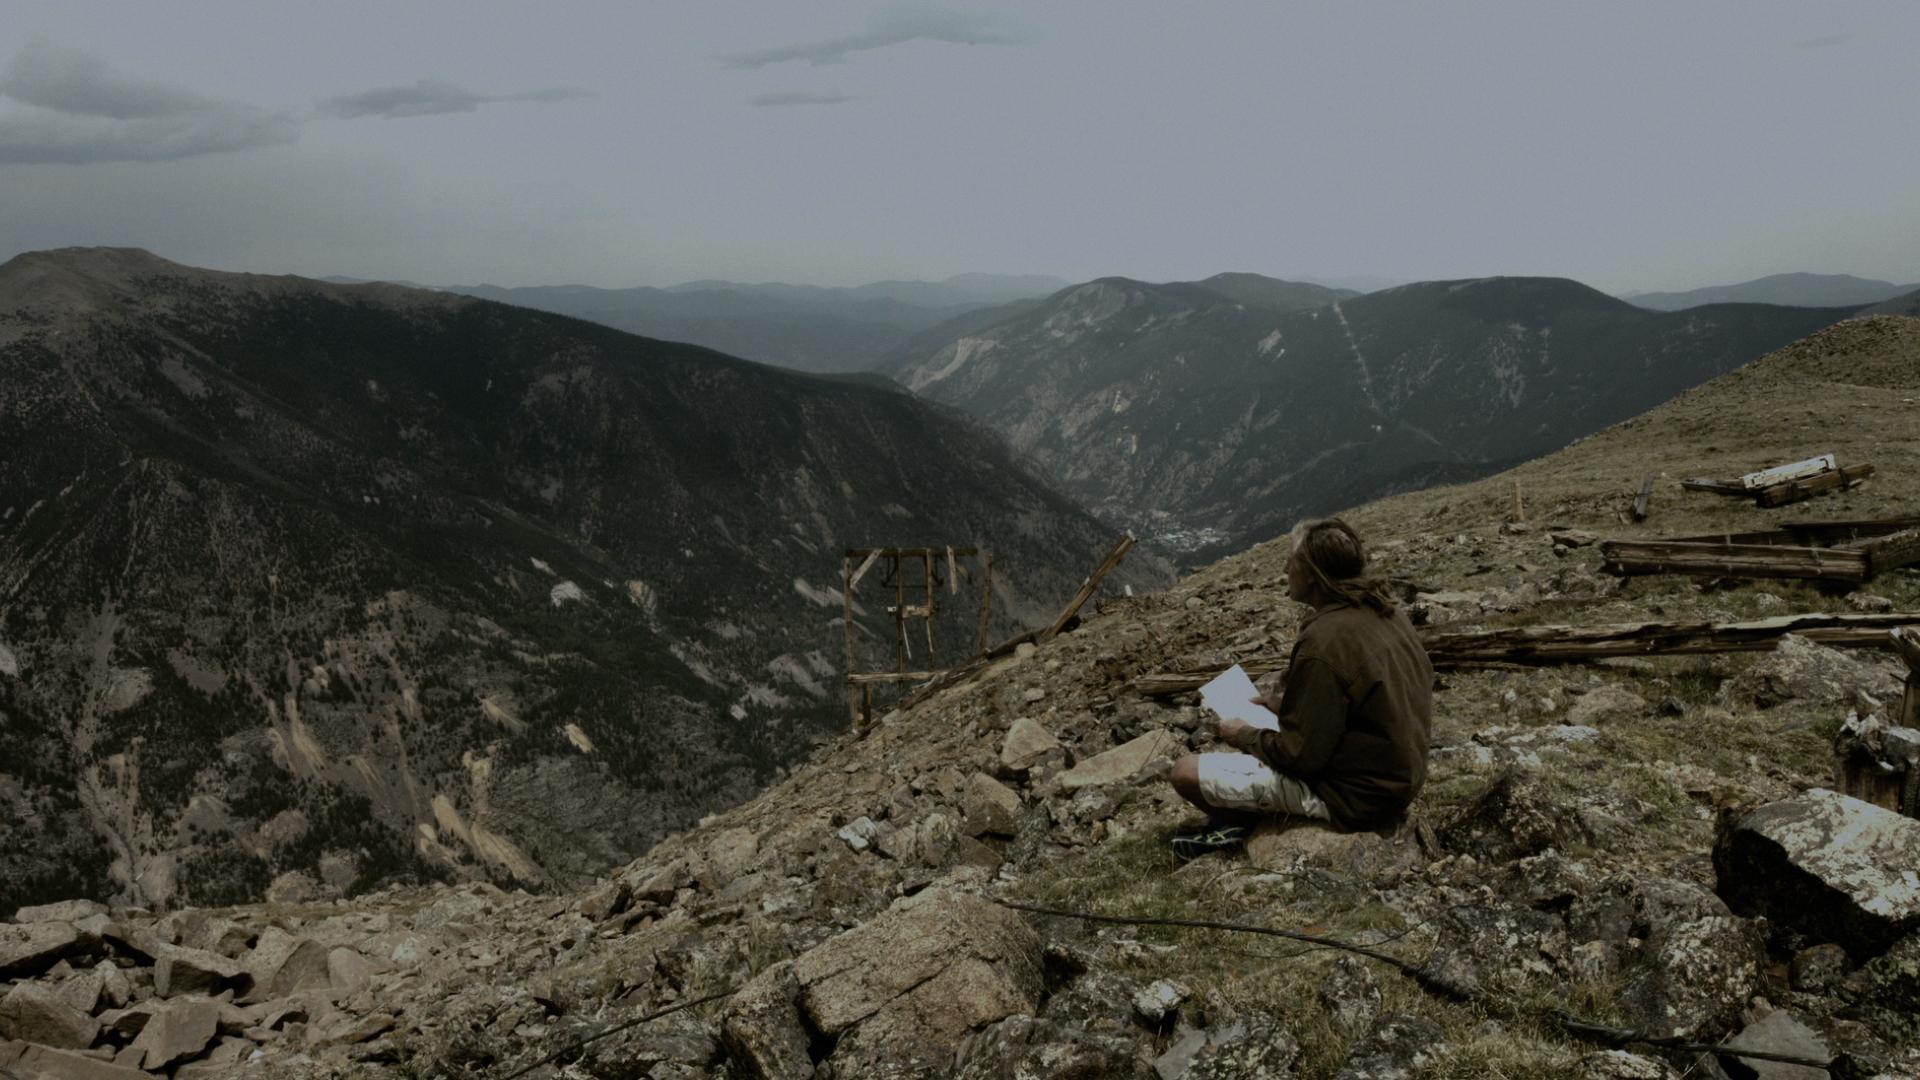 Kai_mountain0.jpg